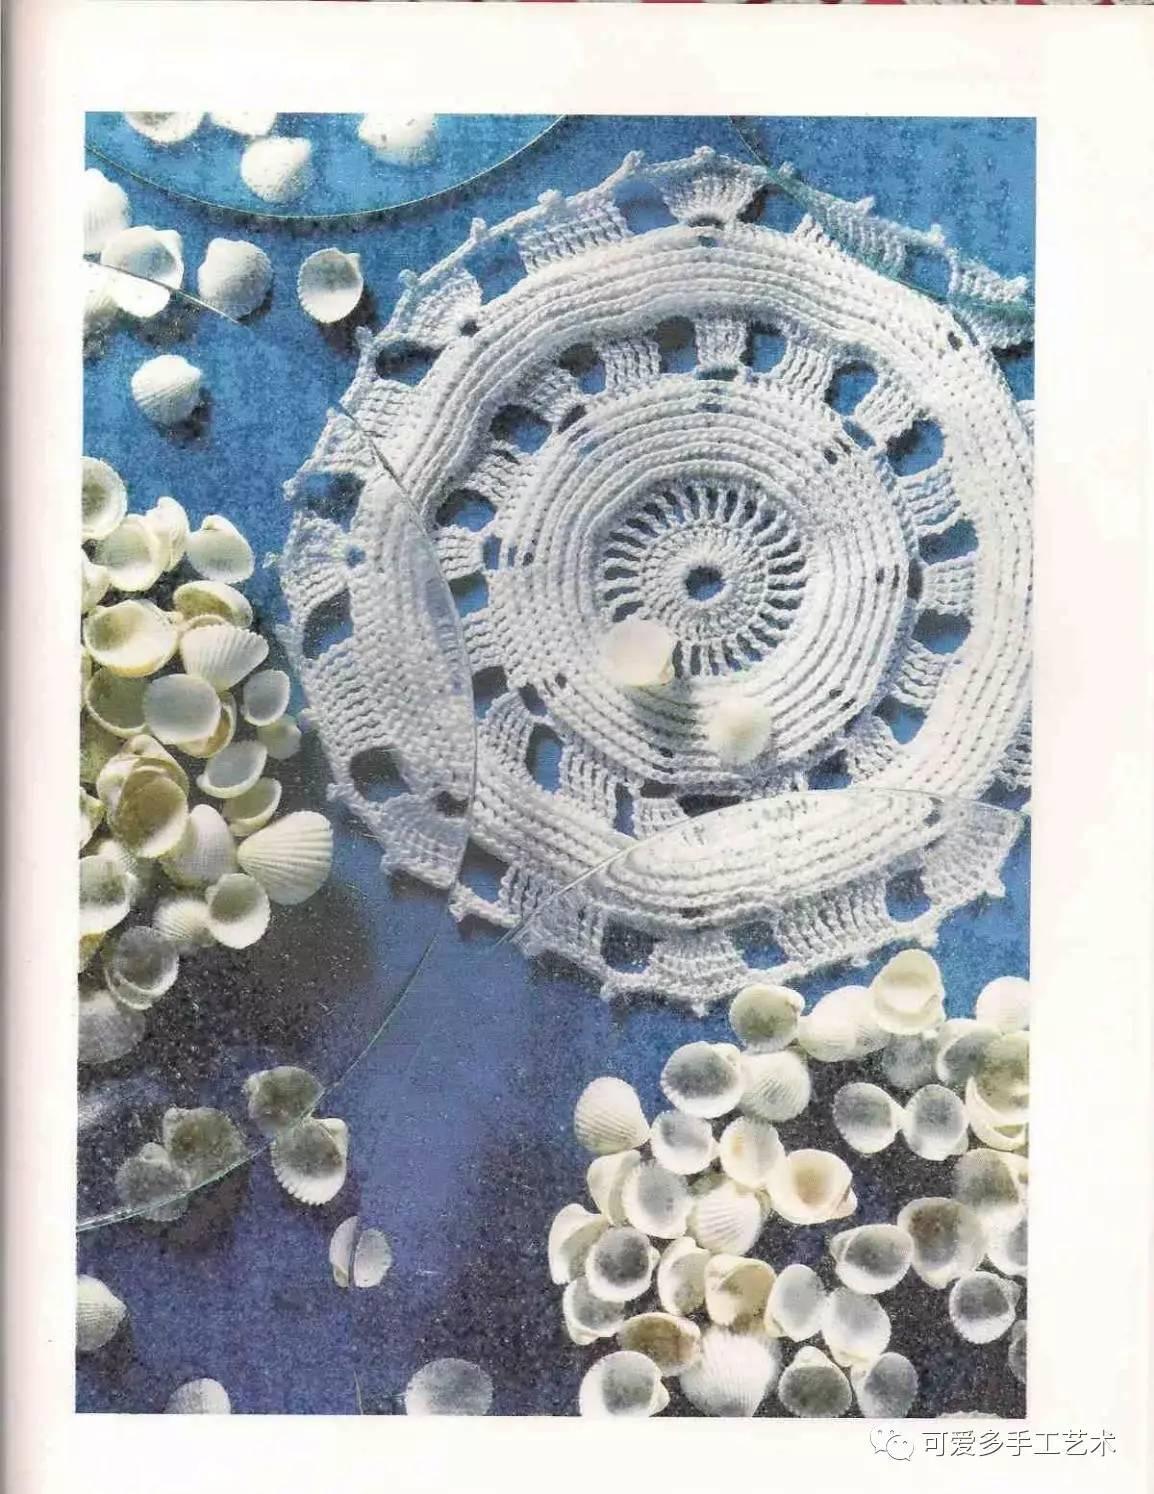 串珠正方形杯垫图解